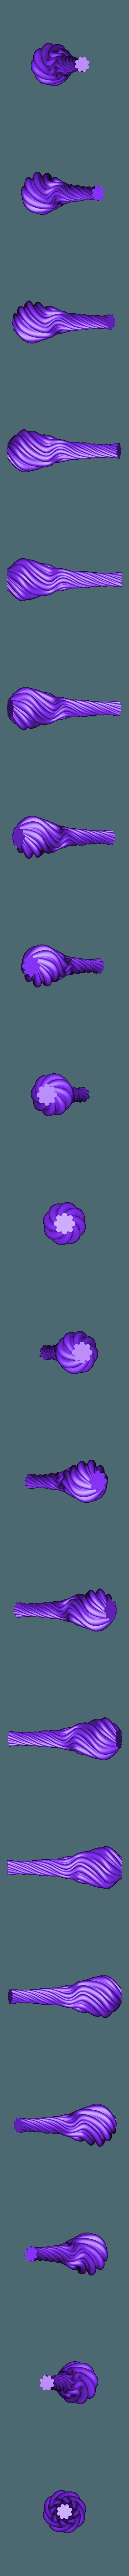 trilogy v2.stl Download free STL file Trilogy (set of 3 vases) • 3D printing object, Brithawkes